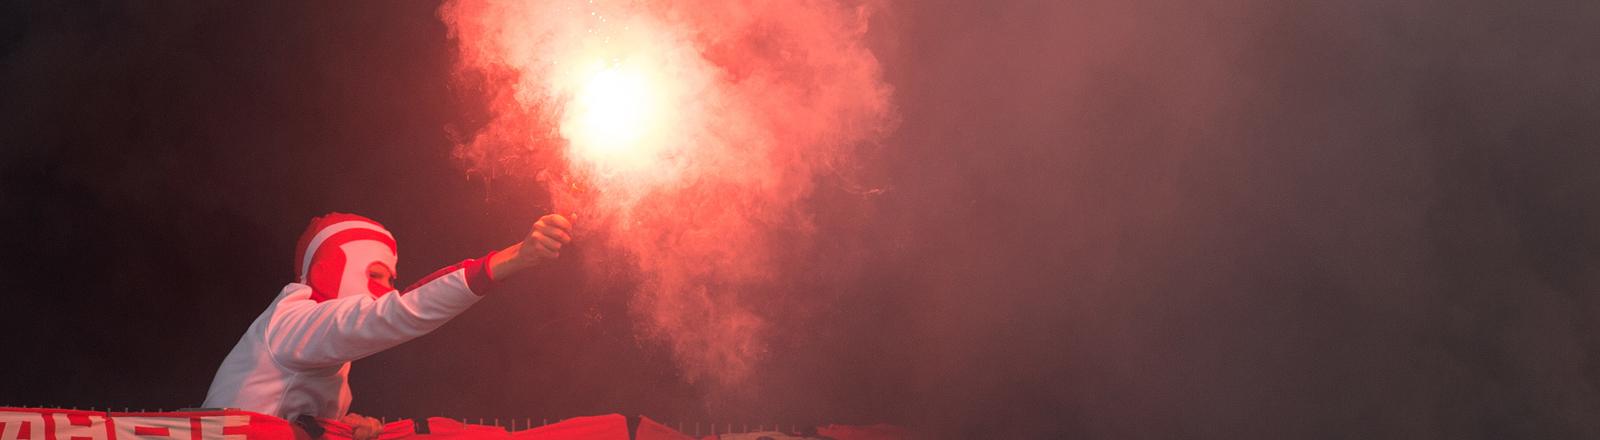 Mann mit bengalischen Feuer im Stadion